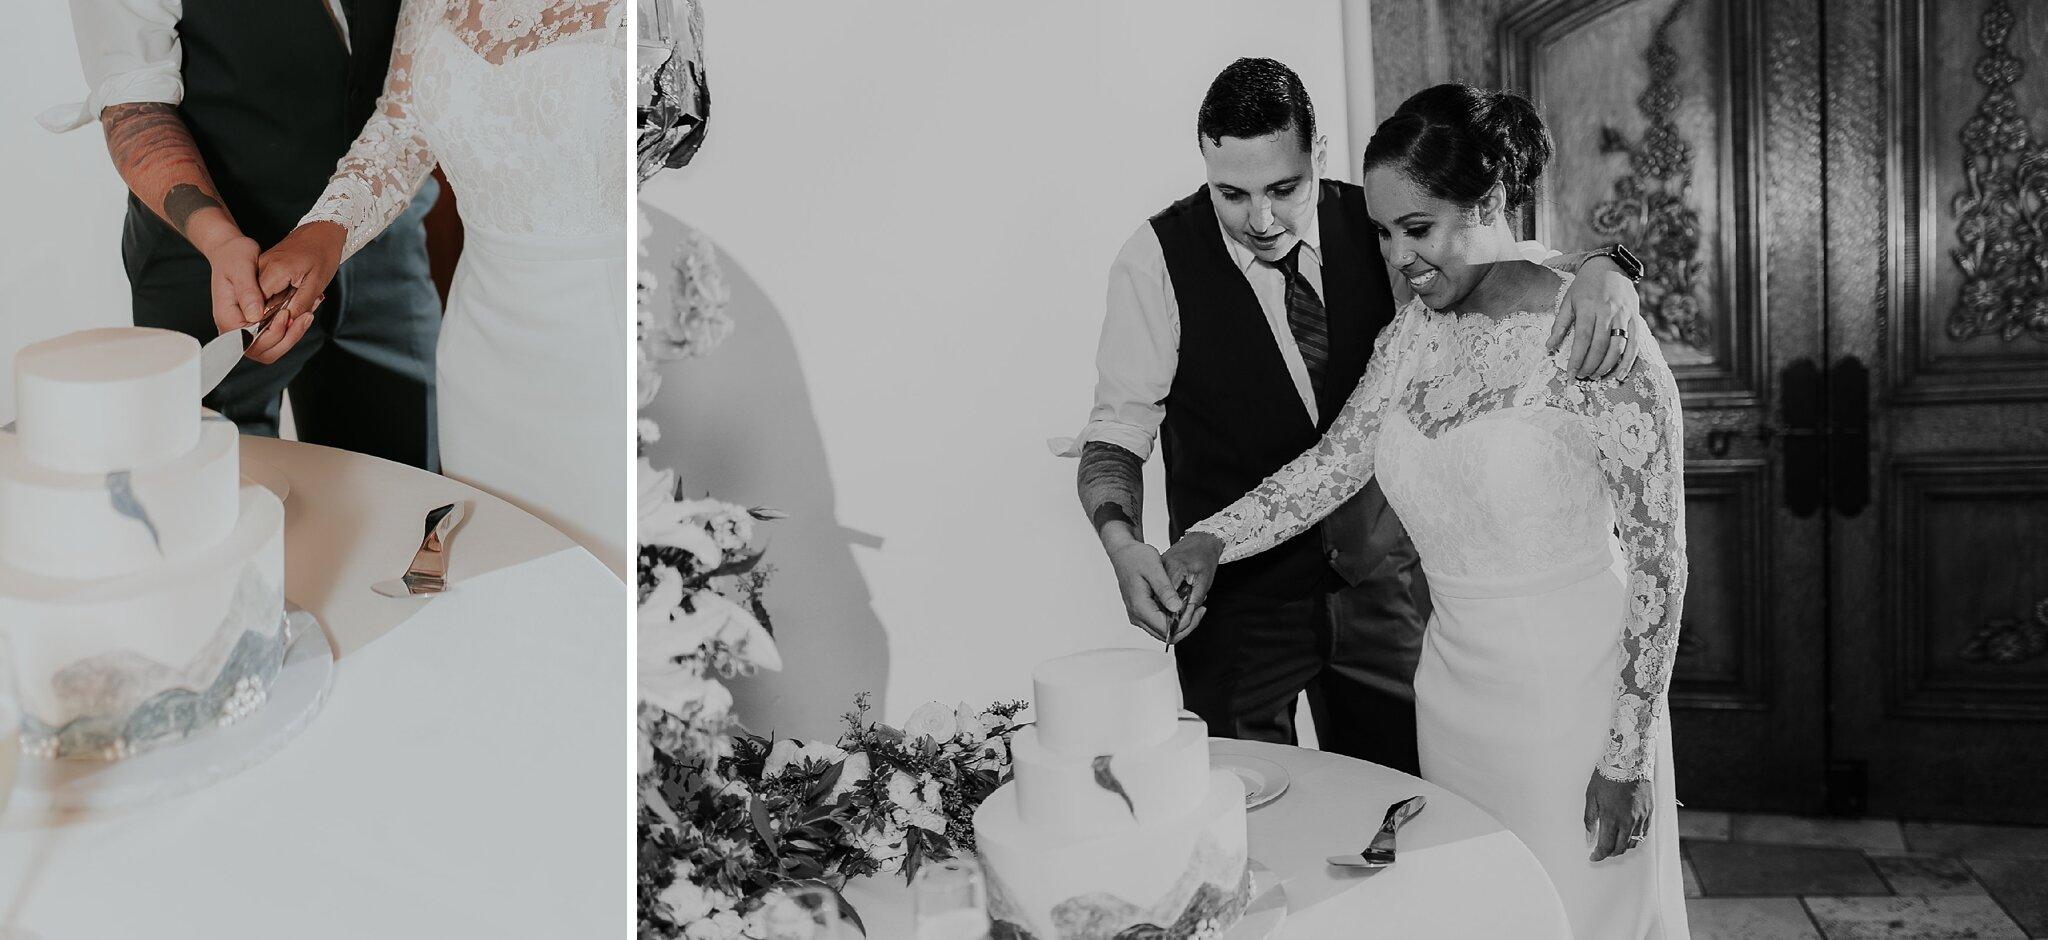 Alicia+lucia+photography+-+albuquerque+wedding+photographer+-+santa+fe+wedding+photography+-+new+mexico+wedding+photographer+-+new+mexico+wedding+-+wedding+-+wedding+cakes+-+flroal+cake+-+santa+fe+cake+-+santa+fe+baker_0029.jpg